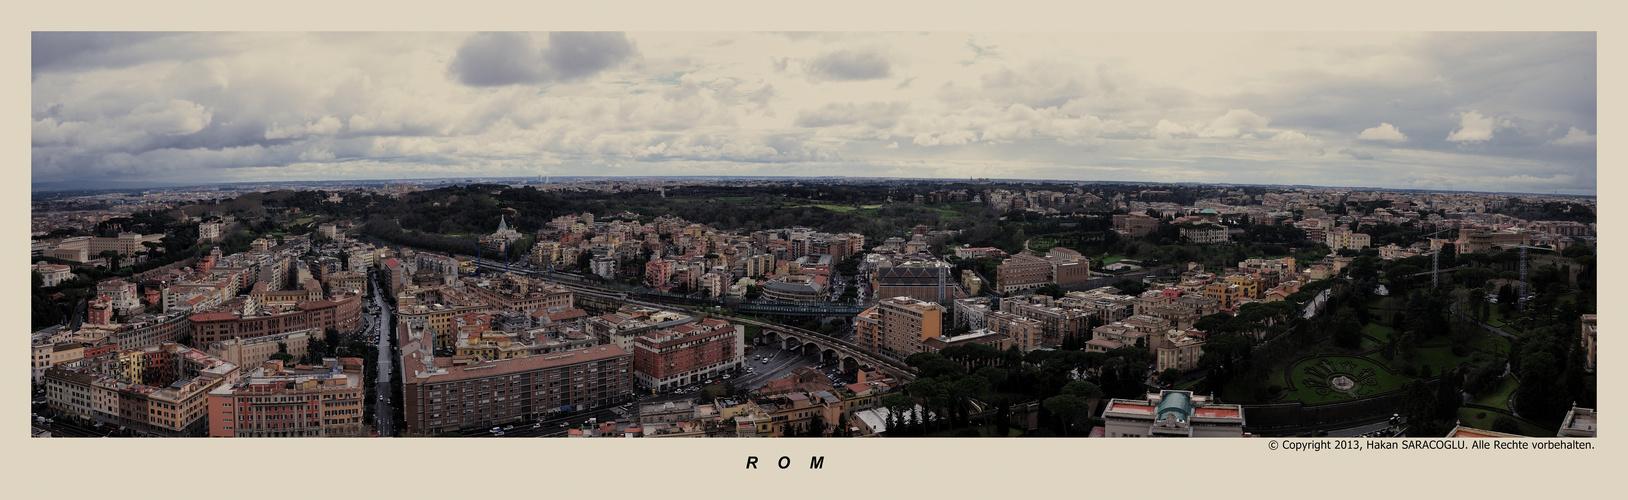 Rom_01